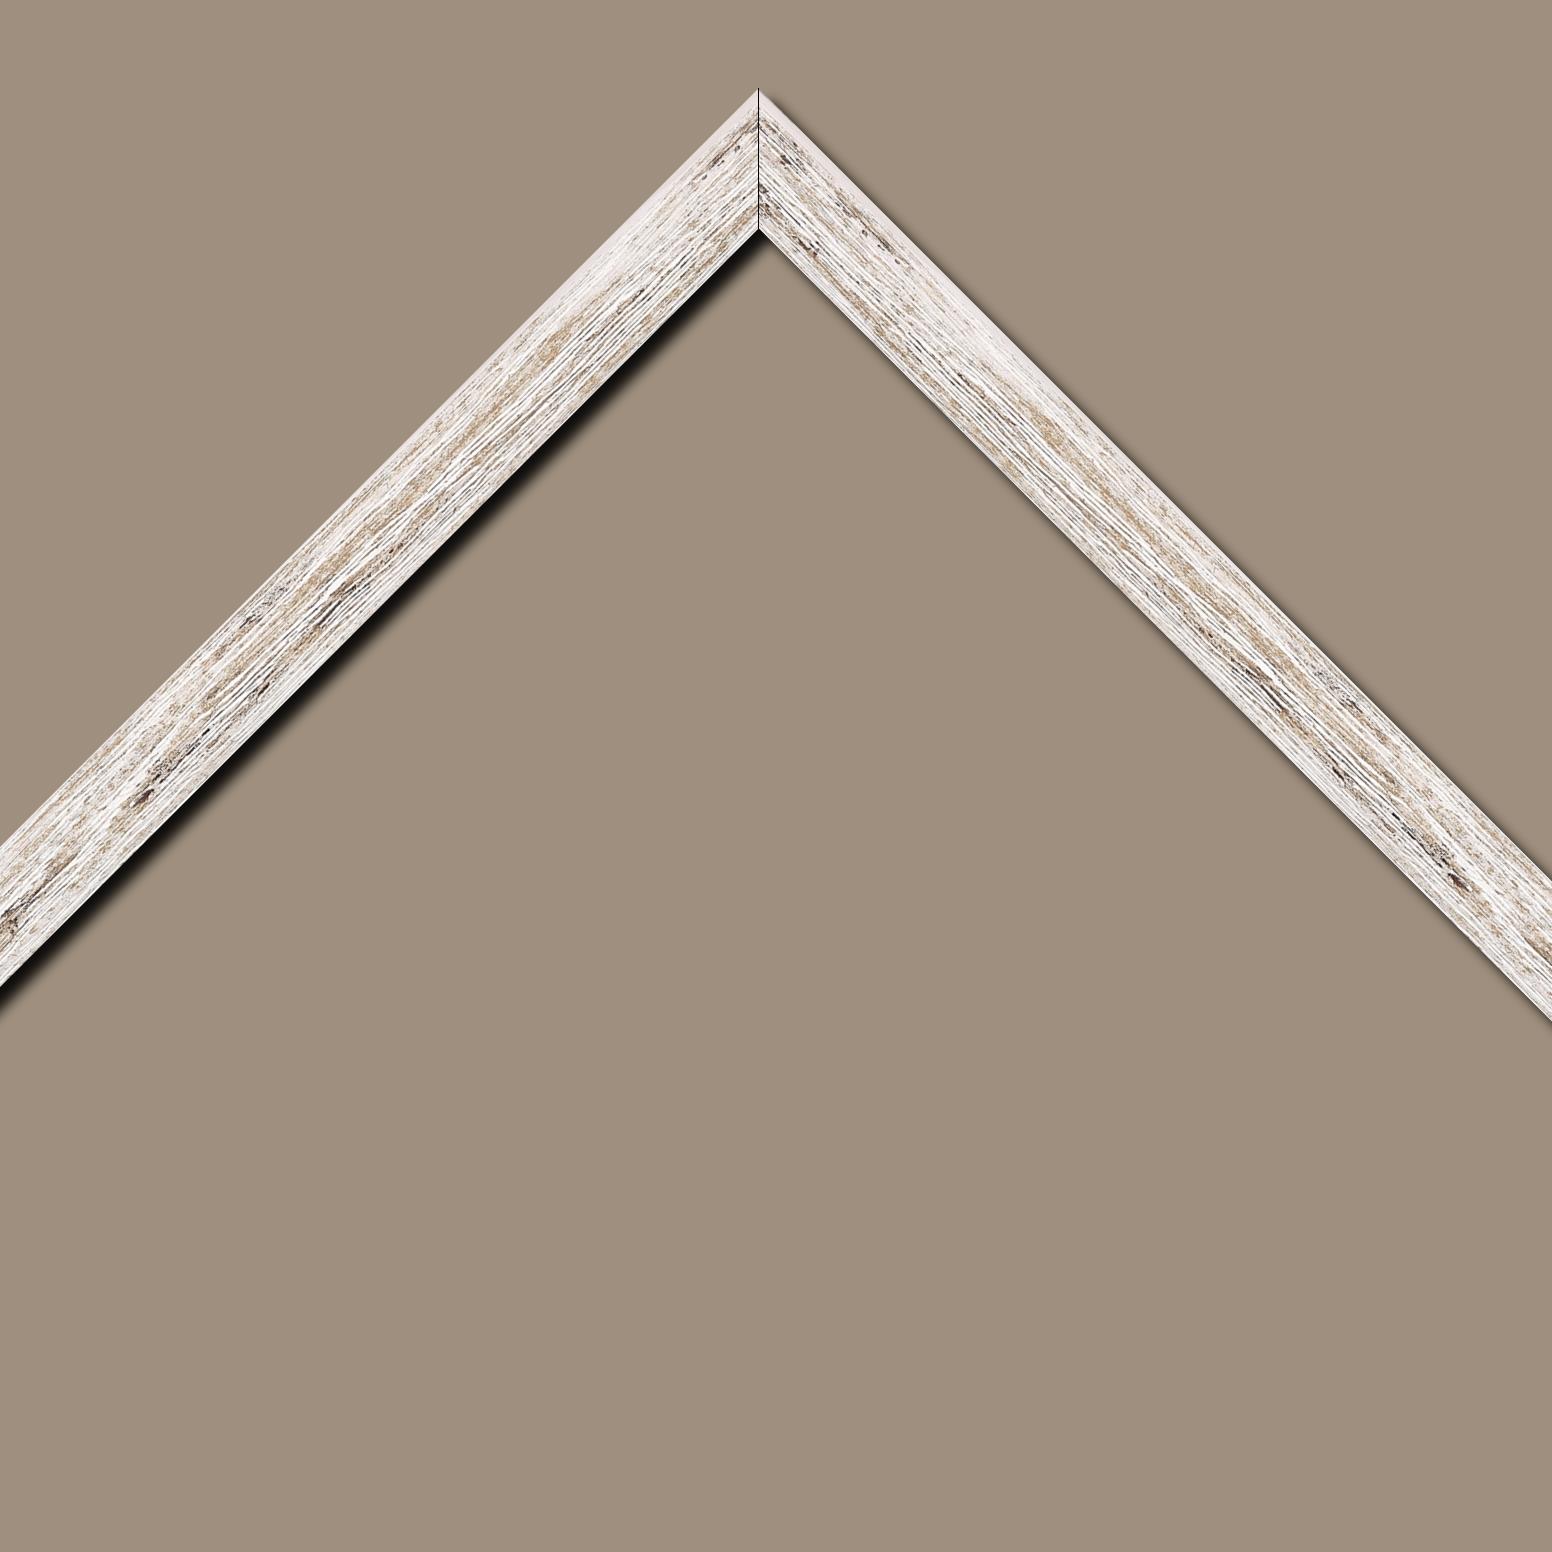 Baguette bois profil arrondi en pente plongeant largeur 2.4cm couleur blanchie frotté effet nature